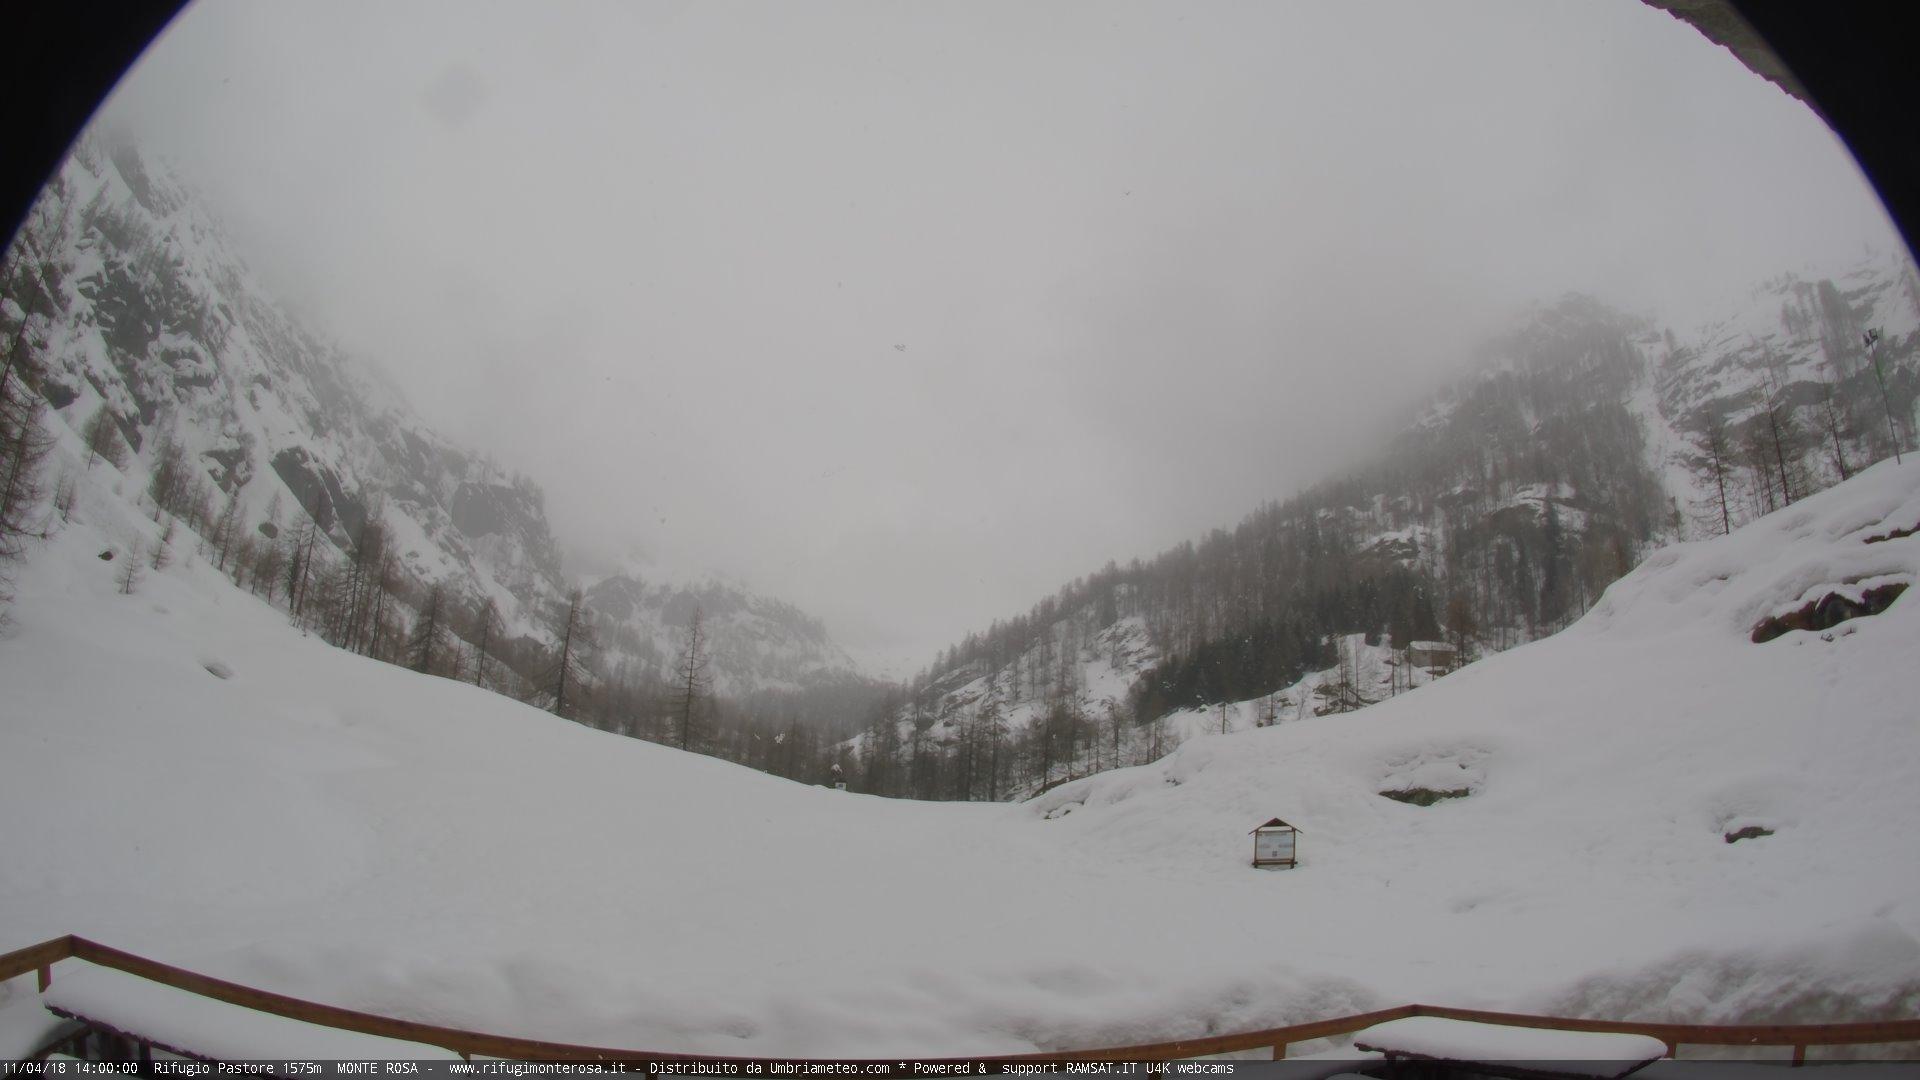 Nowcasting (BI-VC-NO-VB) Alto Piemonte Primavera 2018-2018.04.10-appena-prima-dellultima-botta-neve-meta-aprile.jpg